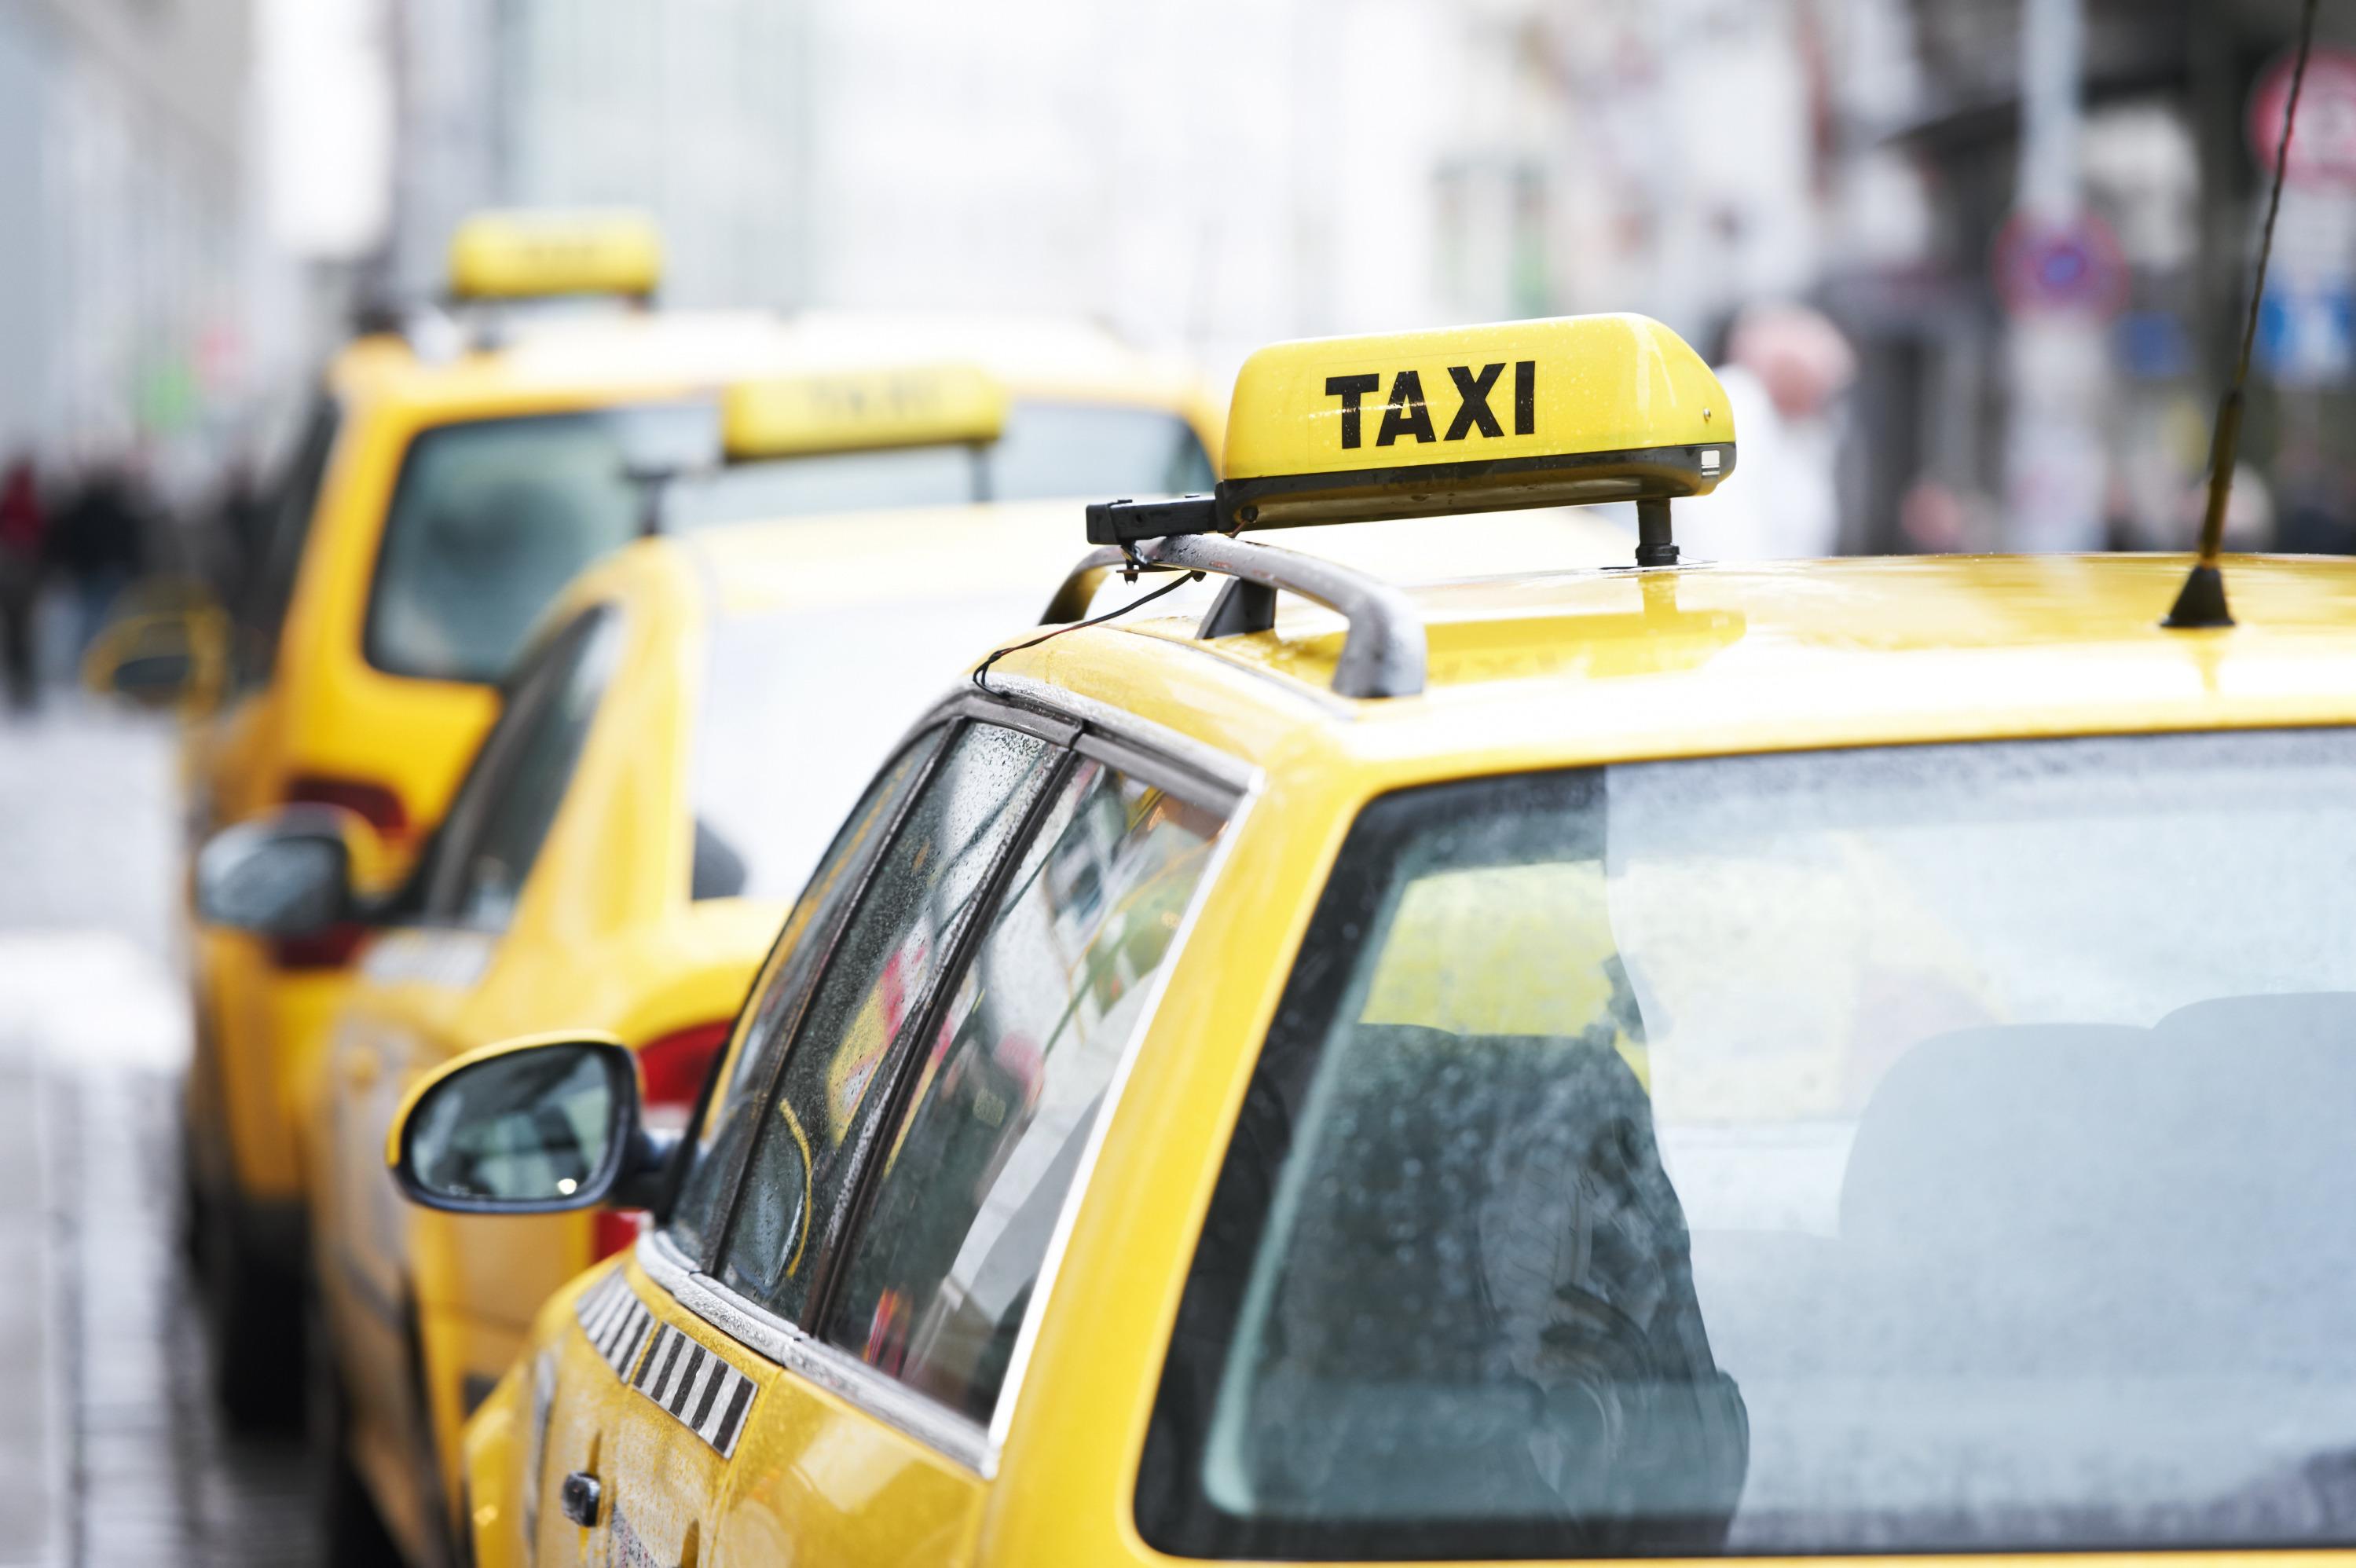 К акции присоединяются в основномте водители, которые находятся в черном списке и не востребованы на рынке такси